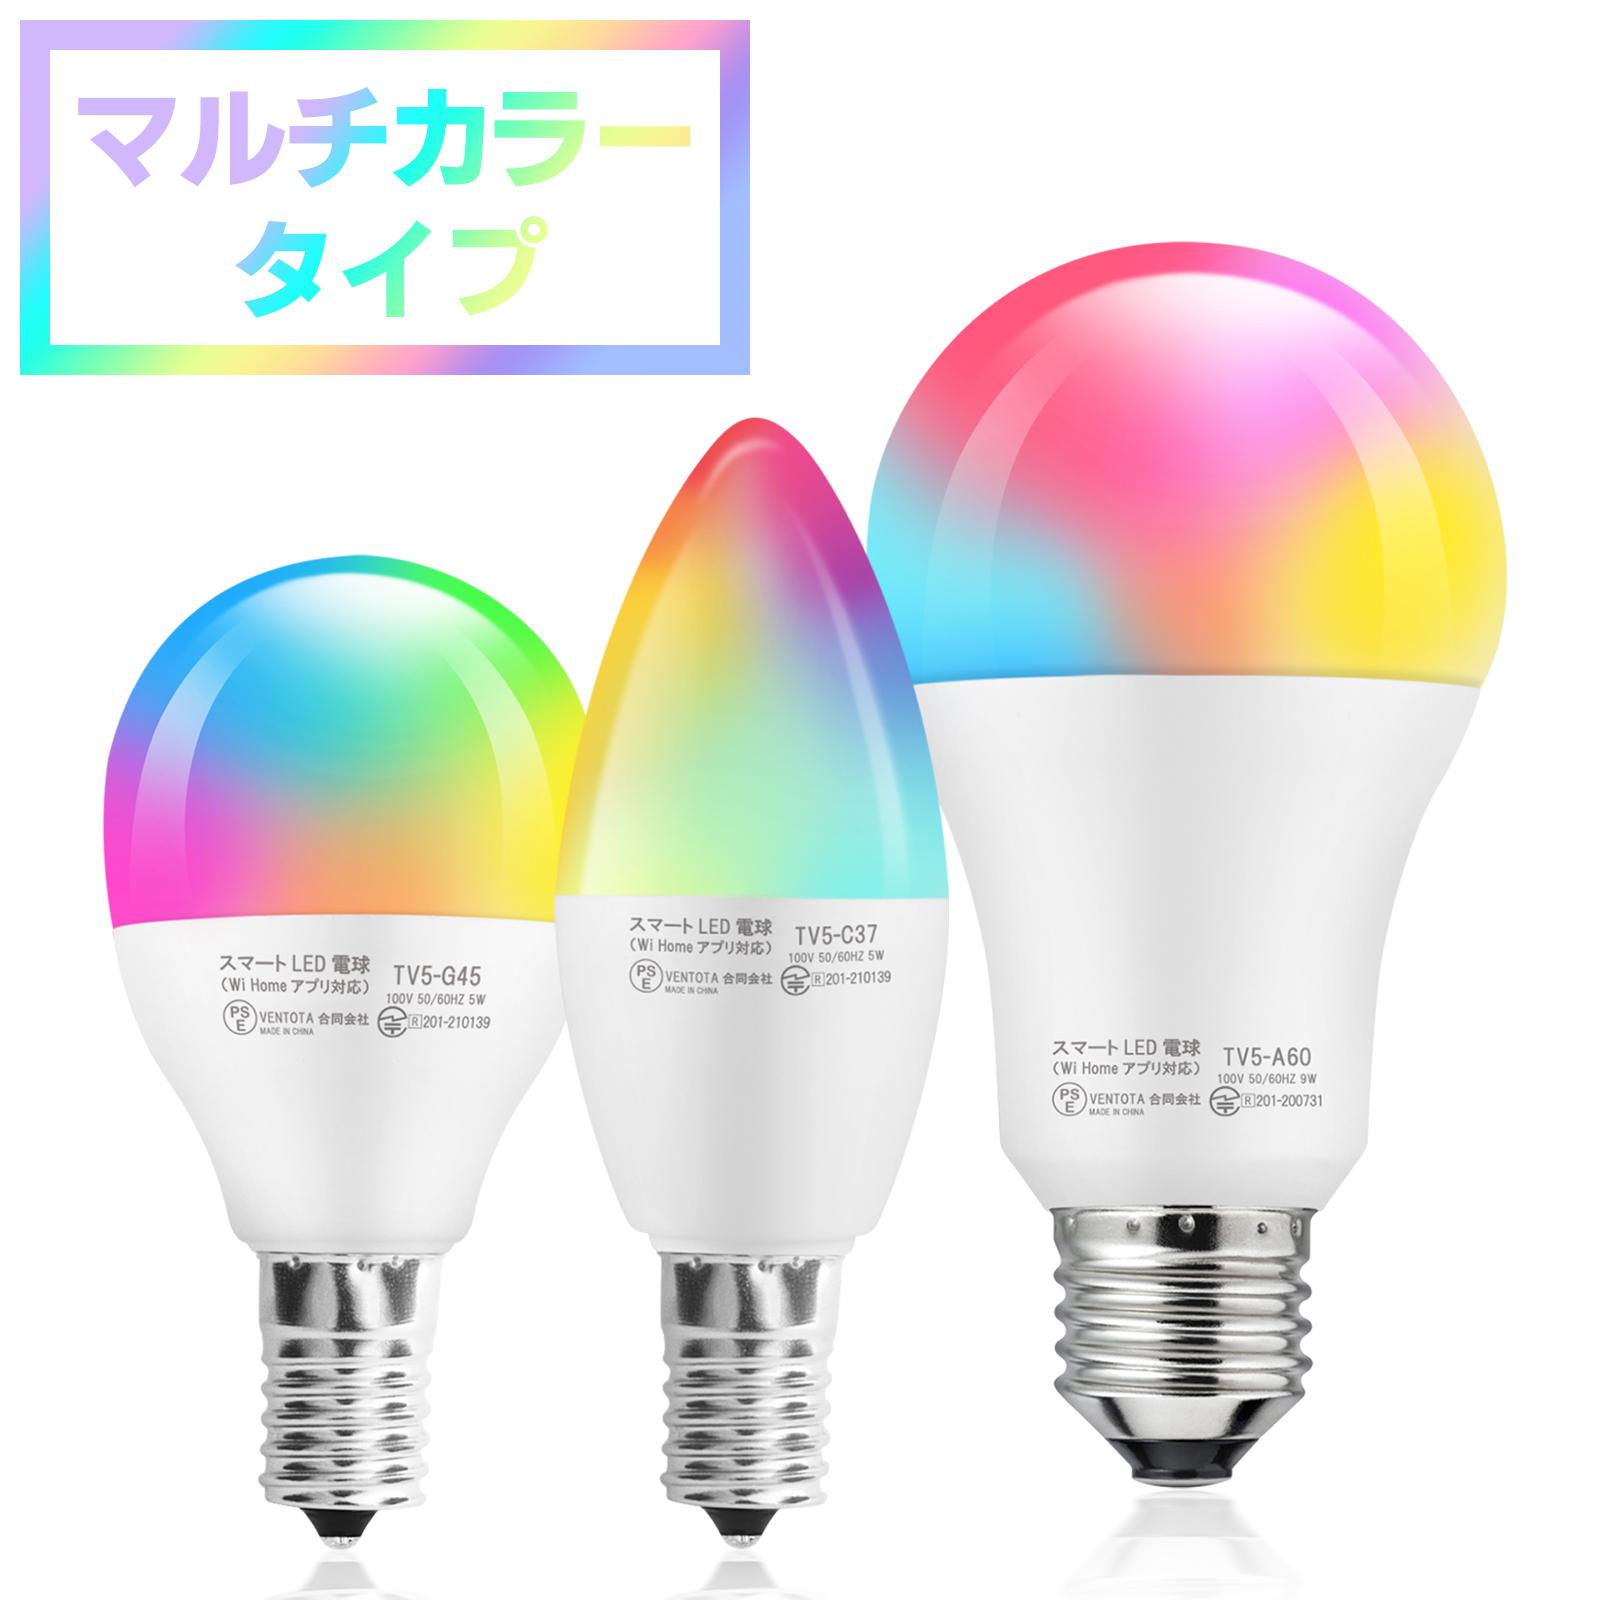 スマートスピーカー Wi Homeアプリ対応 E17 スマート LED電球 マルチカラータイプ